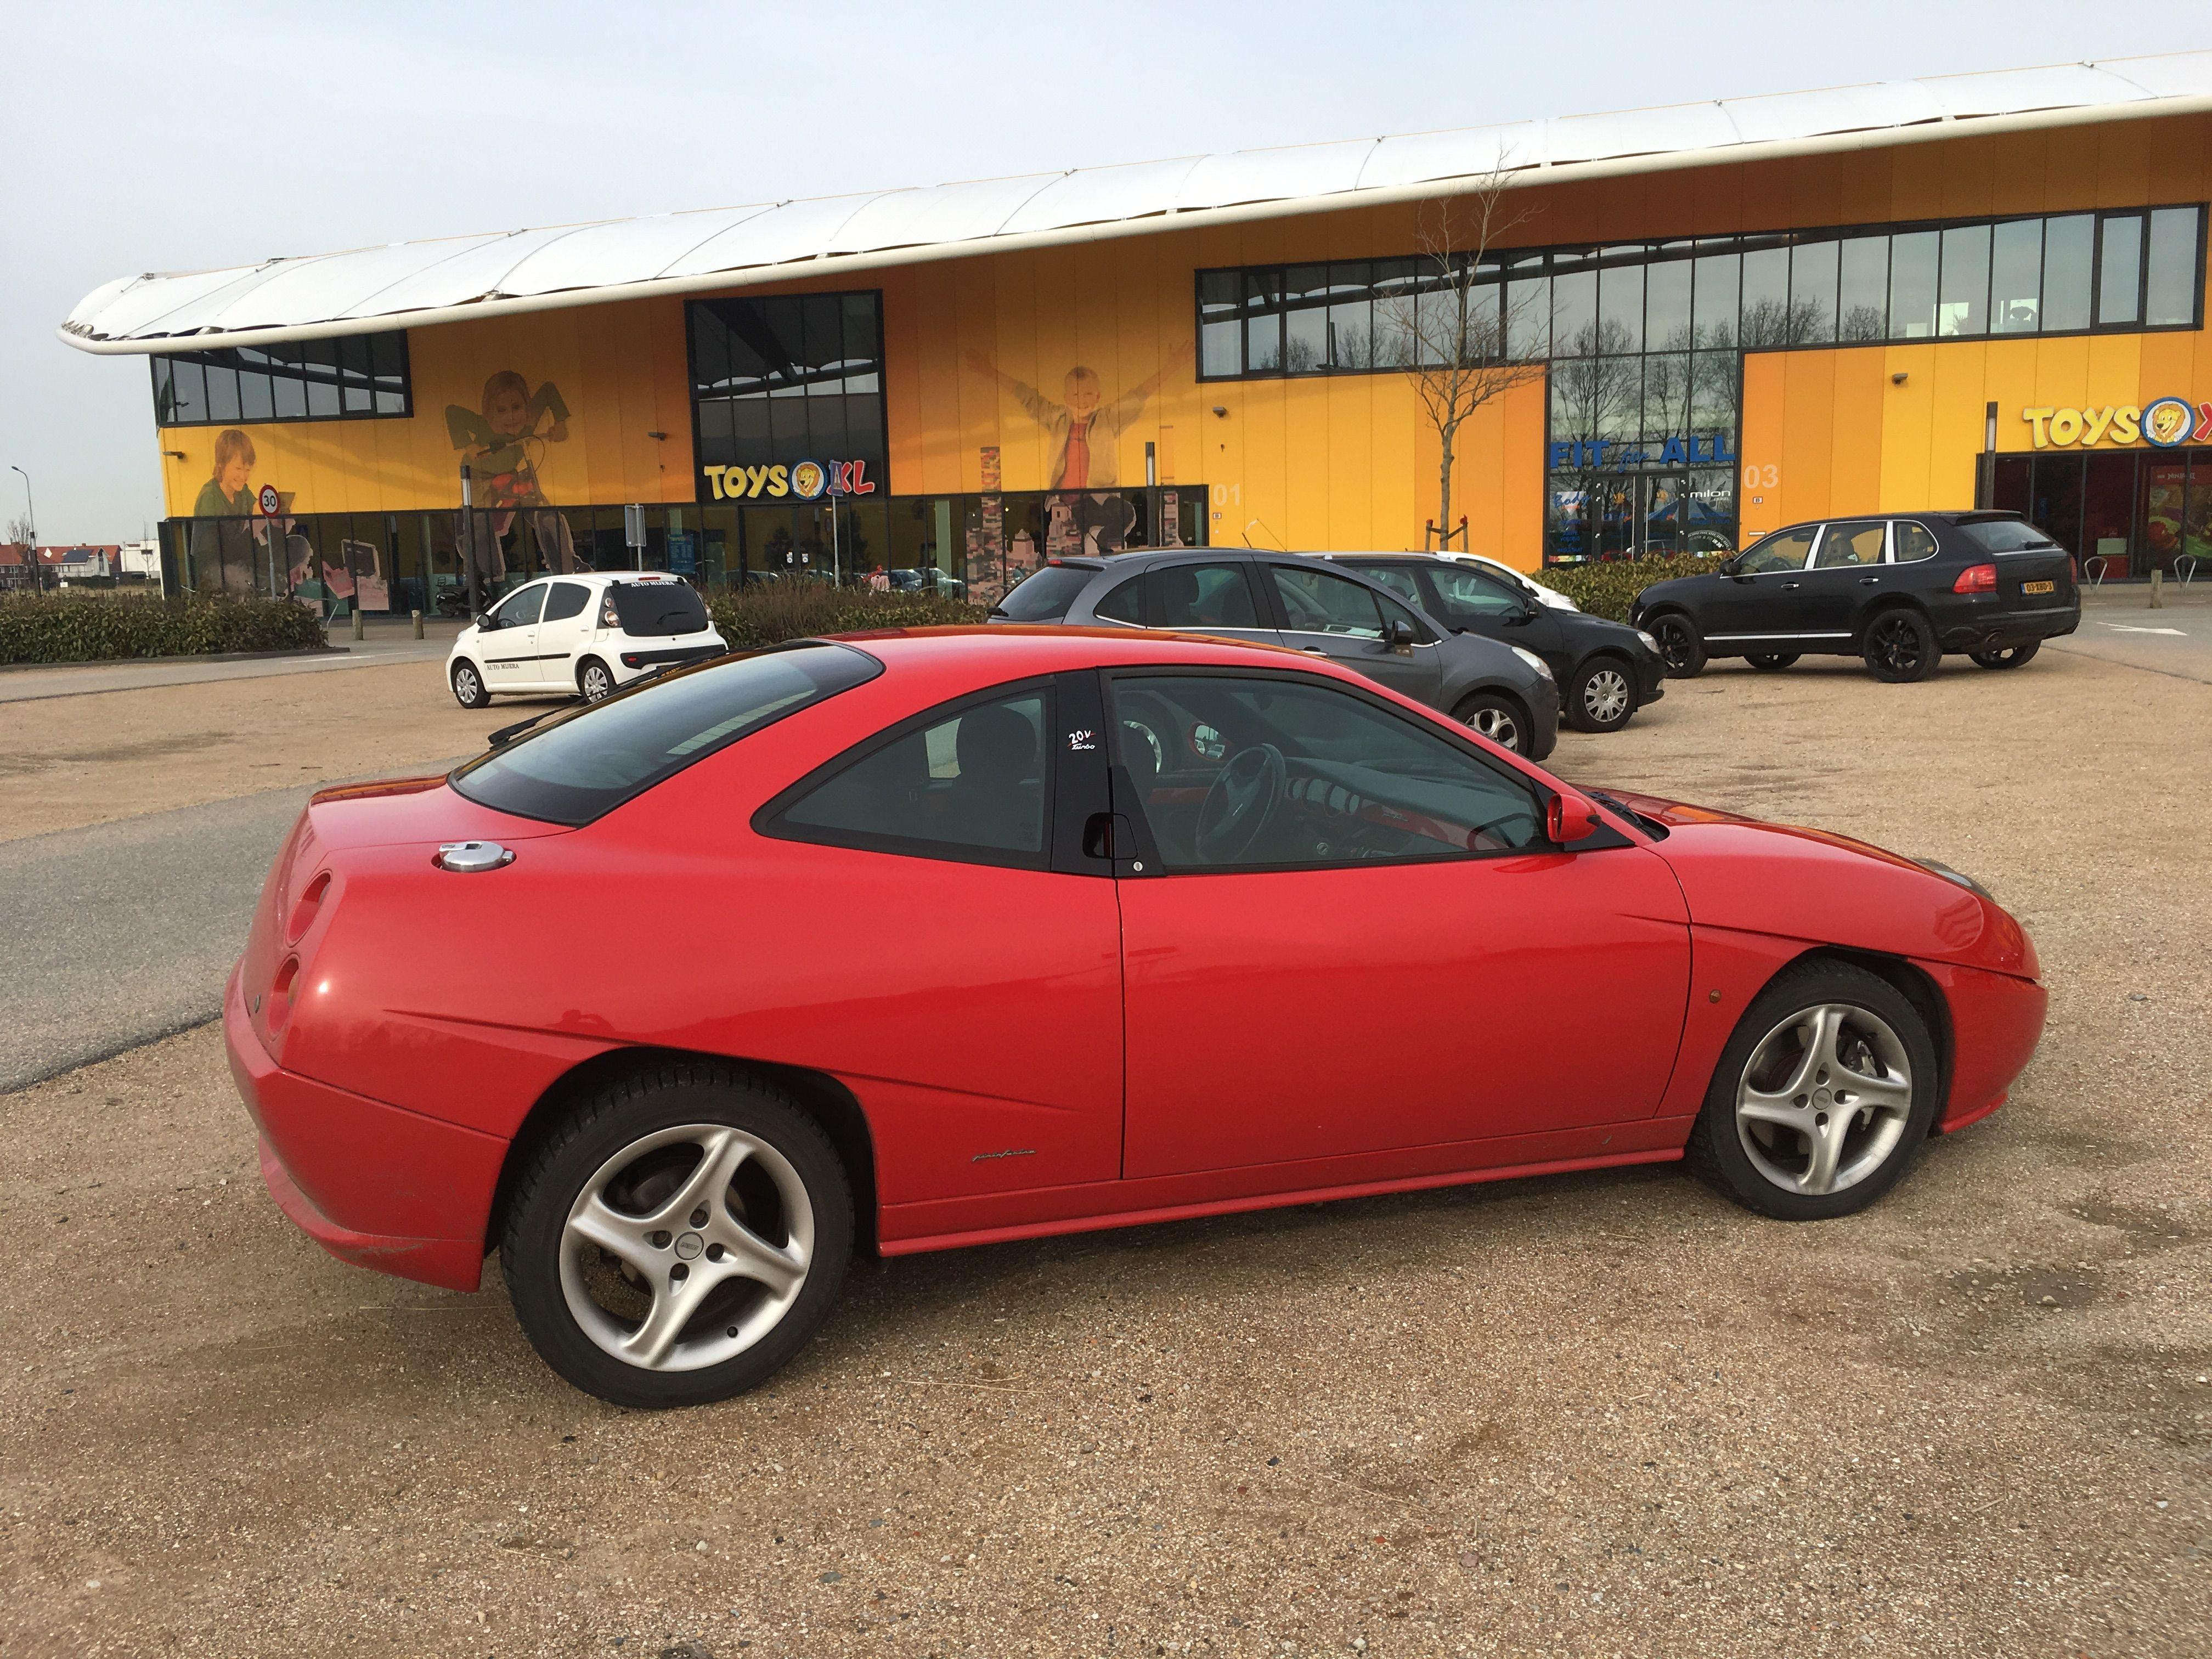 Auto italien rad 3 Check out